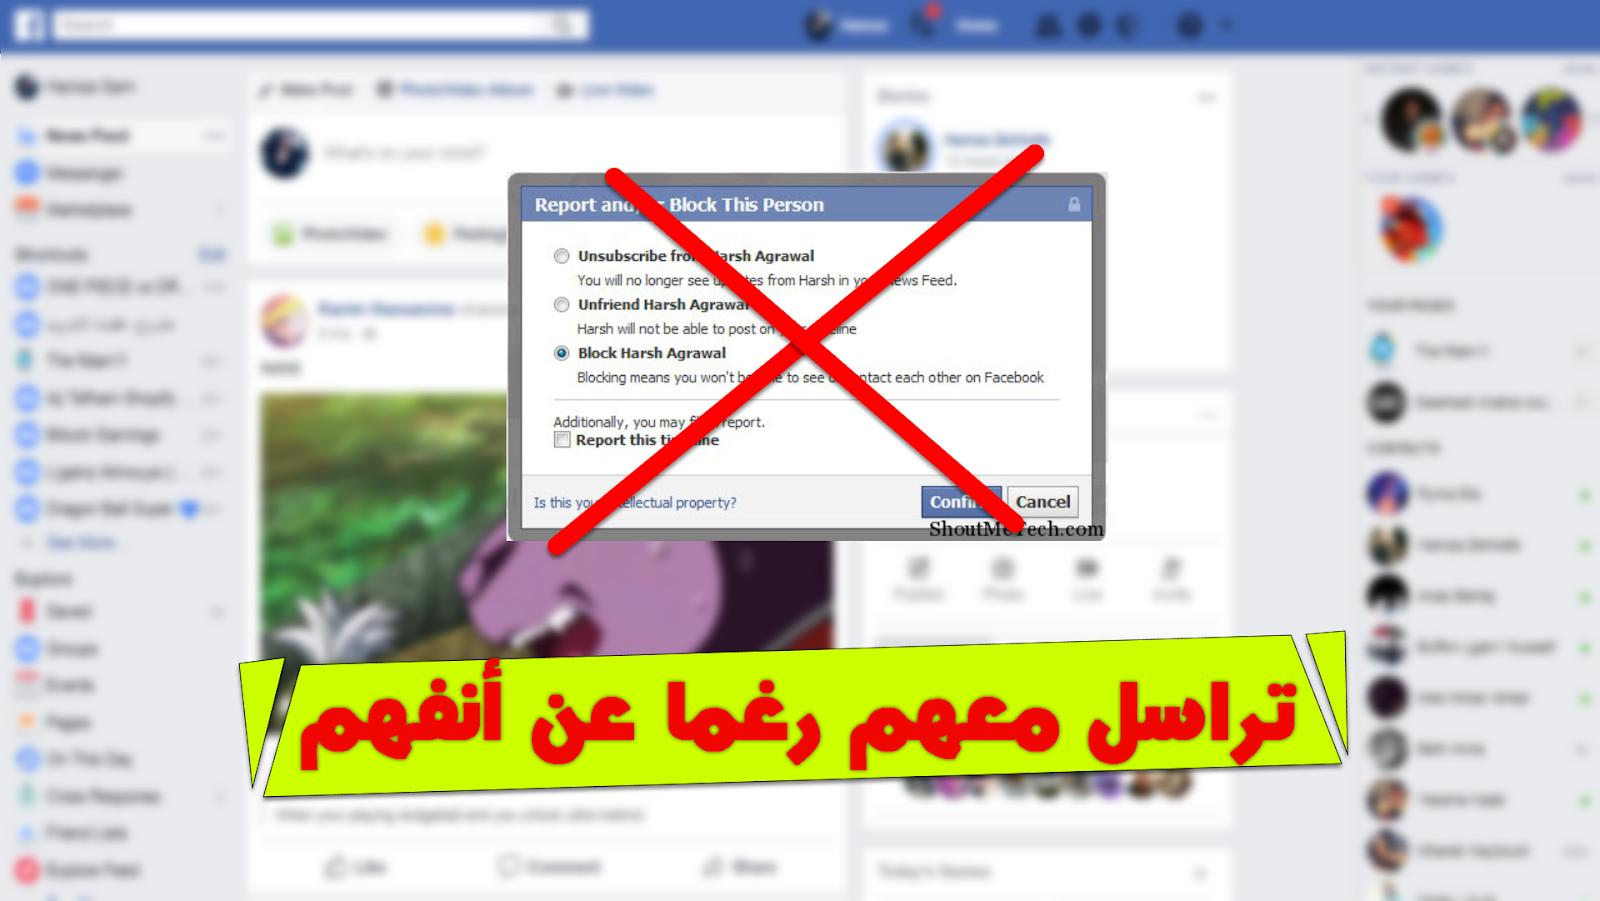 خدعة تمكنك من إرسال رسالة لأي شخص قام بحظرك على الفايسبوك